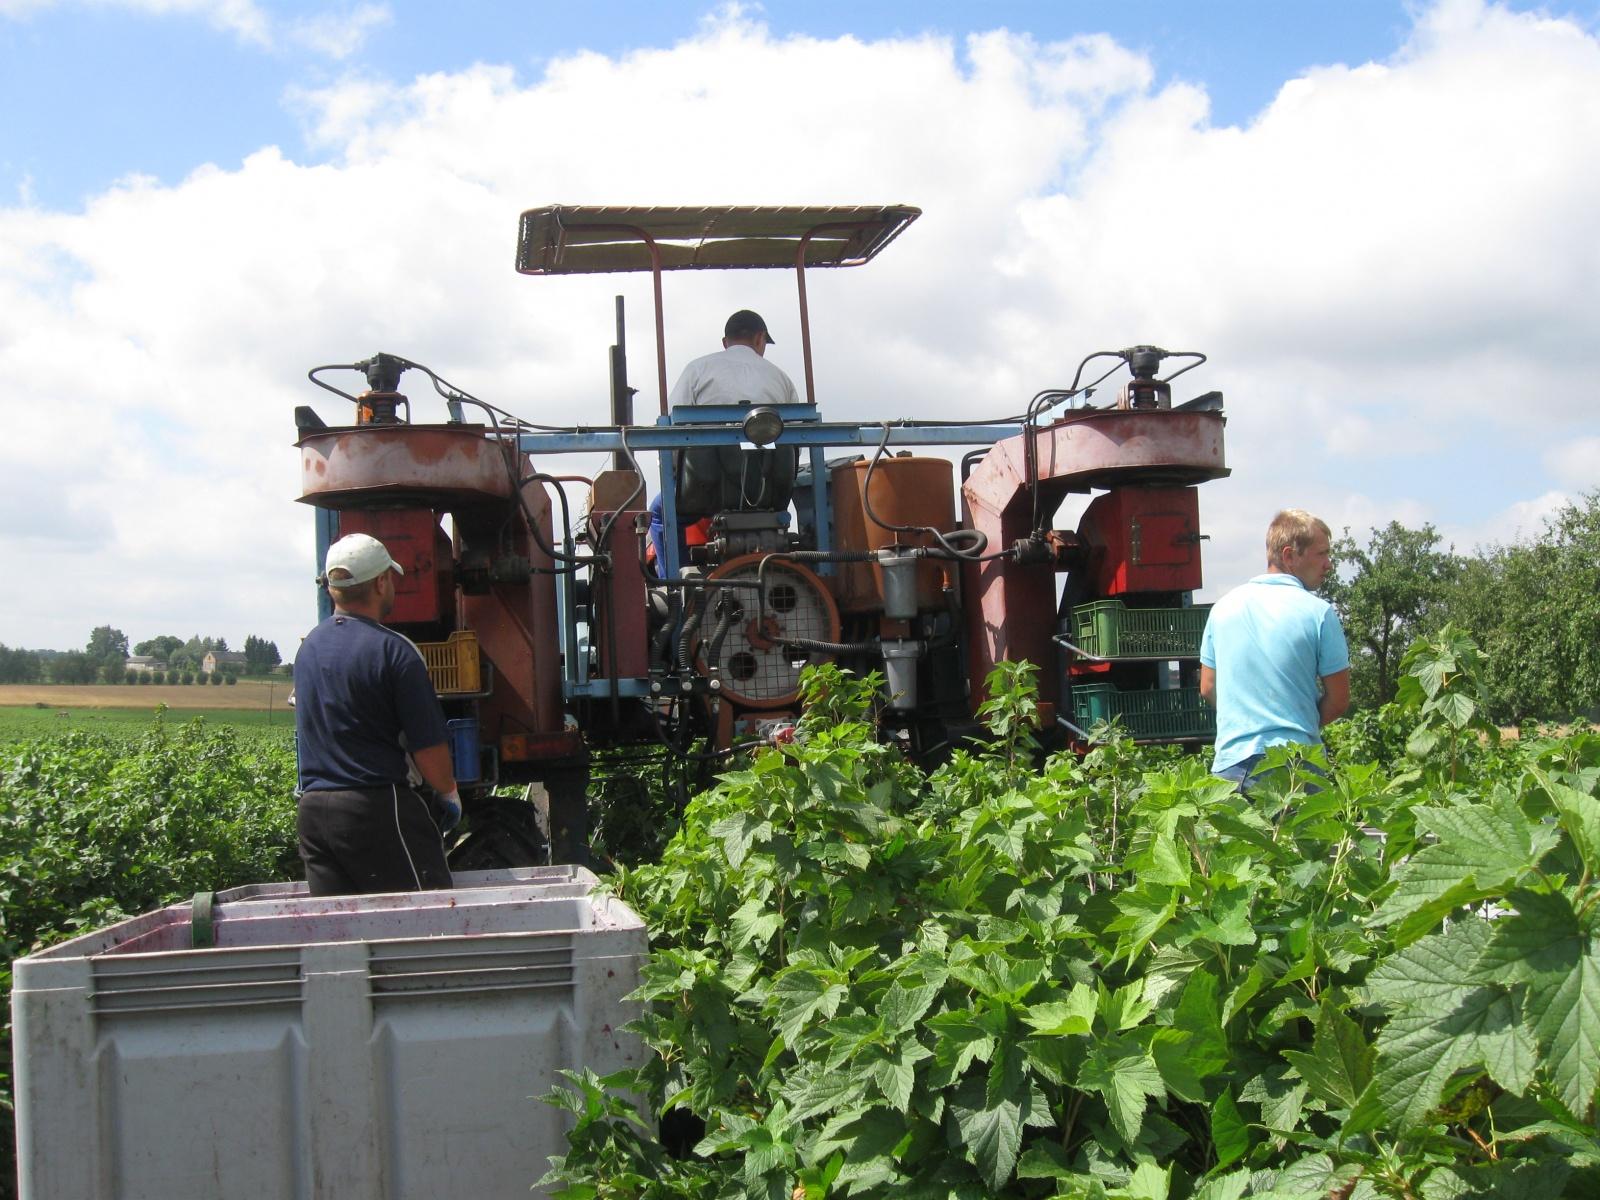 rolnik, rolnictwo, portal rolny, zbiory zbóż, truskawki, jabłka, porzeczki, maliny, wiśnie, czereśnie, śliwki, gruszki, Jakub Olipra, Credit Agricole, GUS